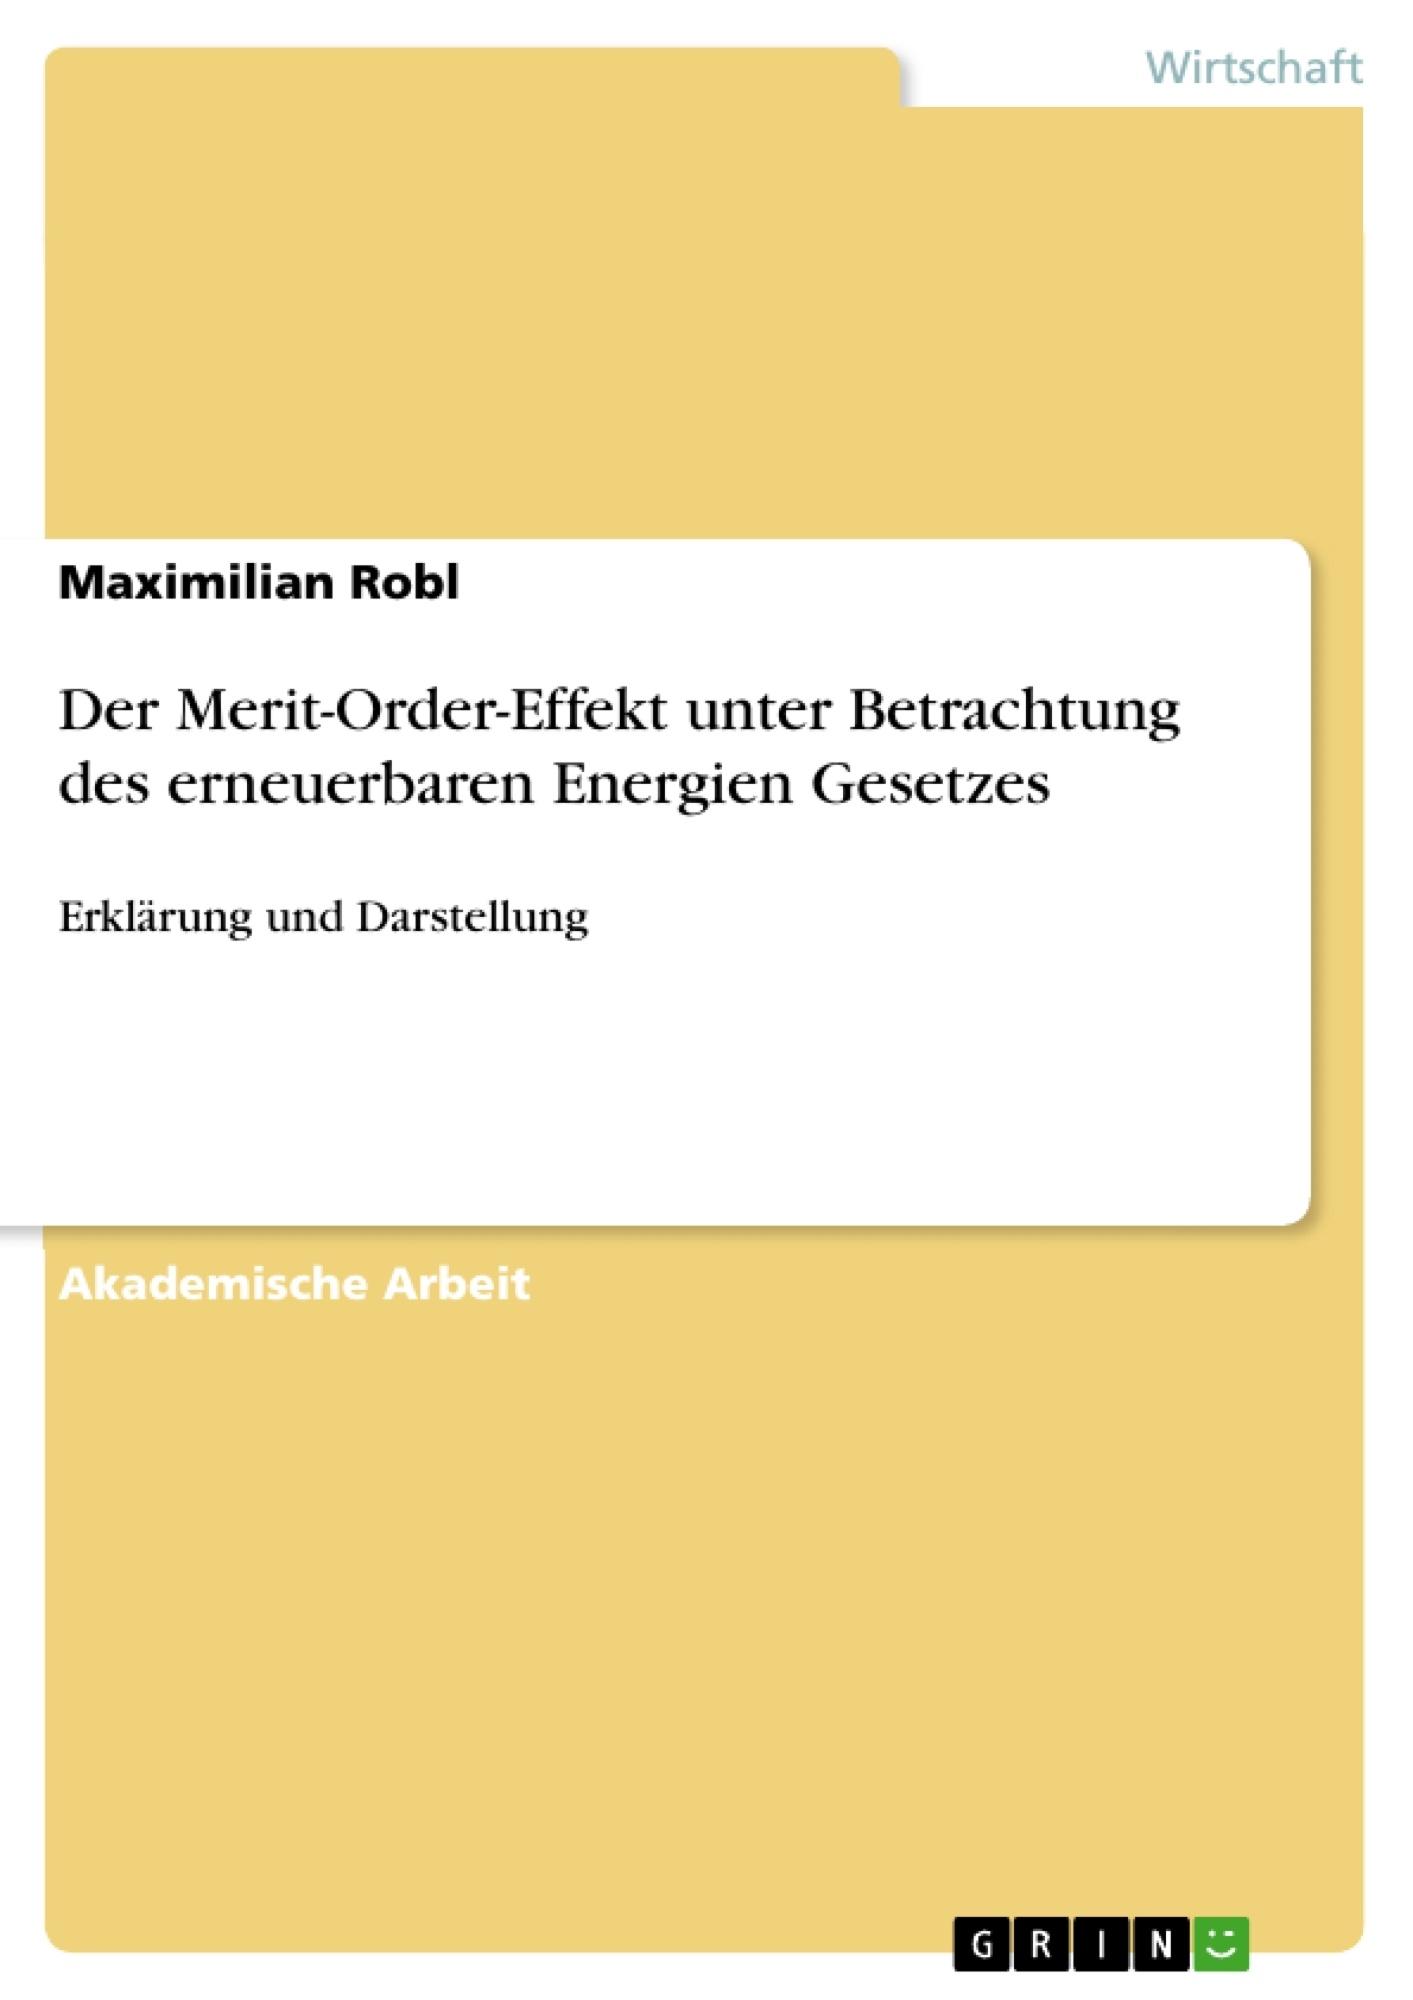 Titel: Der Merit-Order-Effekt unter Betrachtung des erneuerbaren Energien Gesetzes